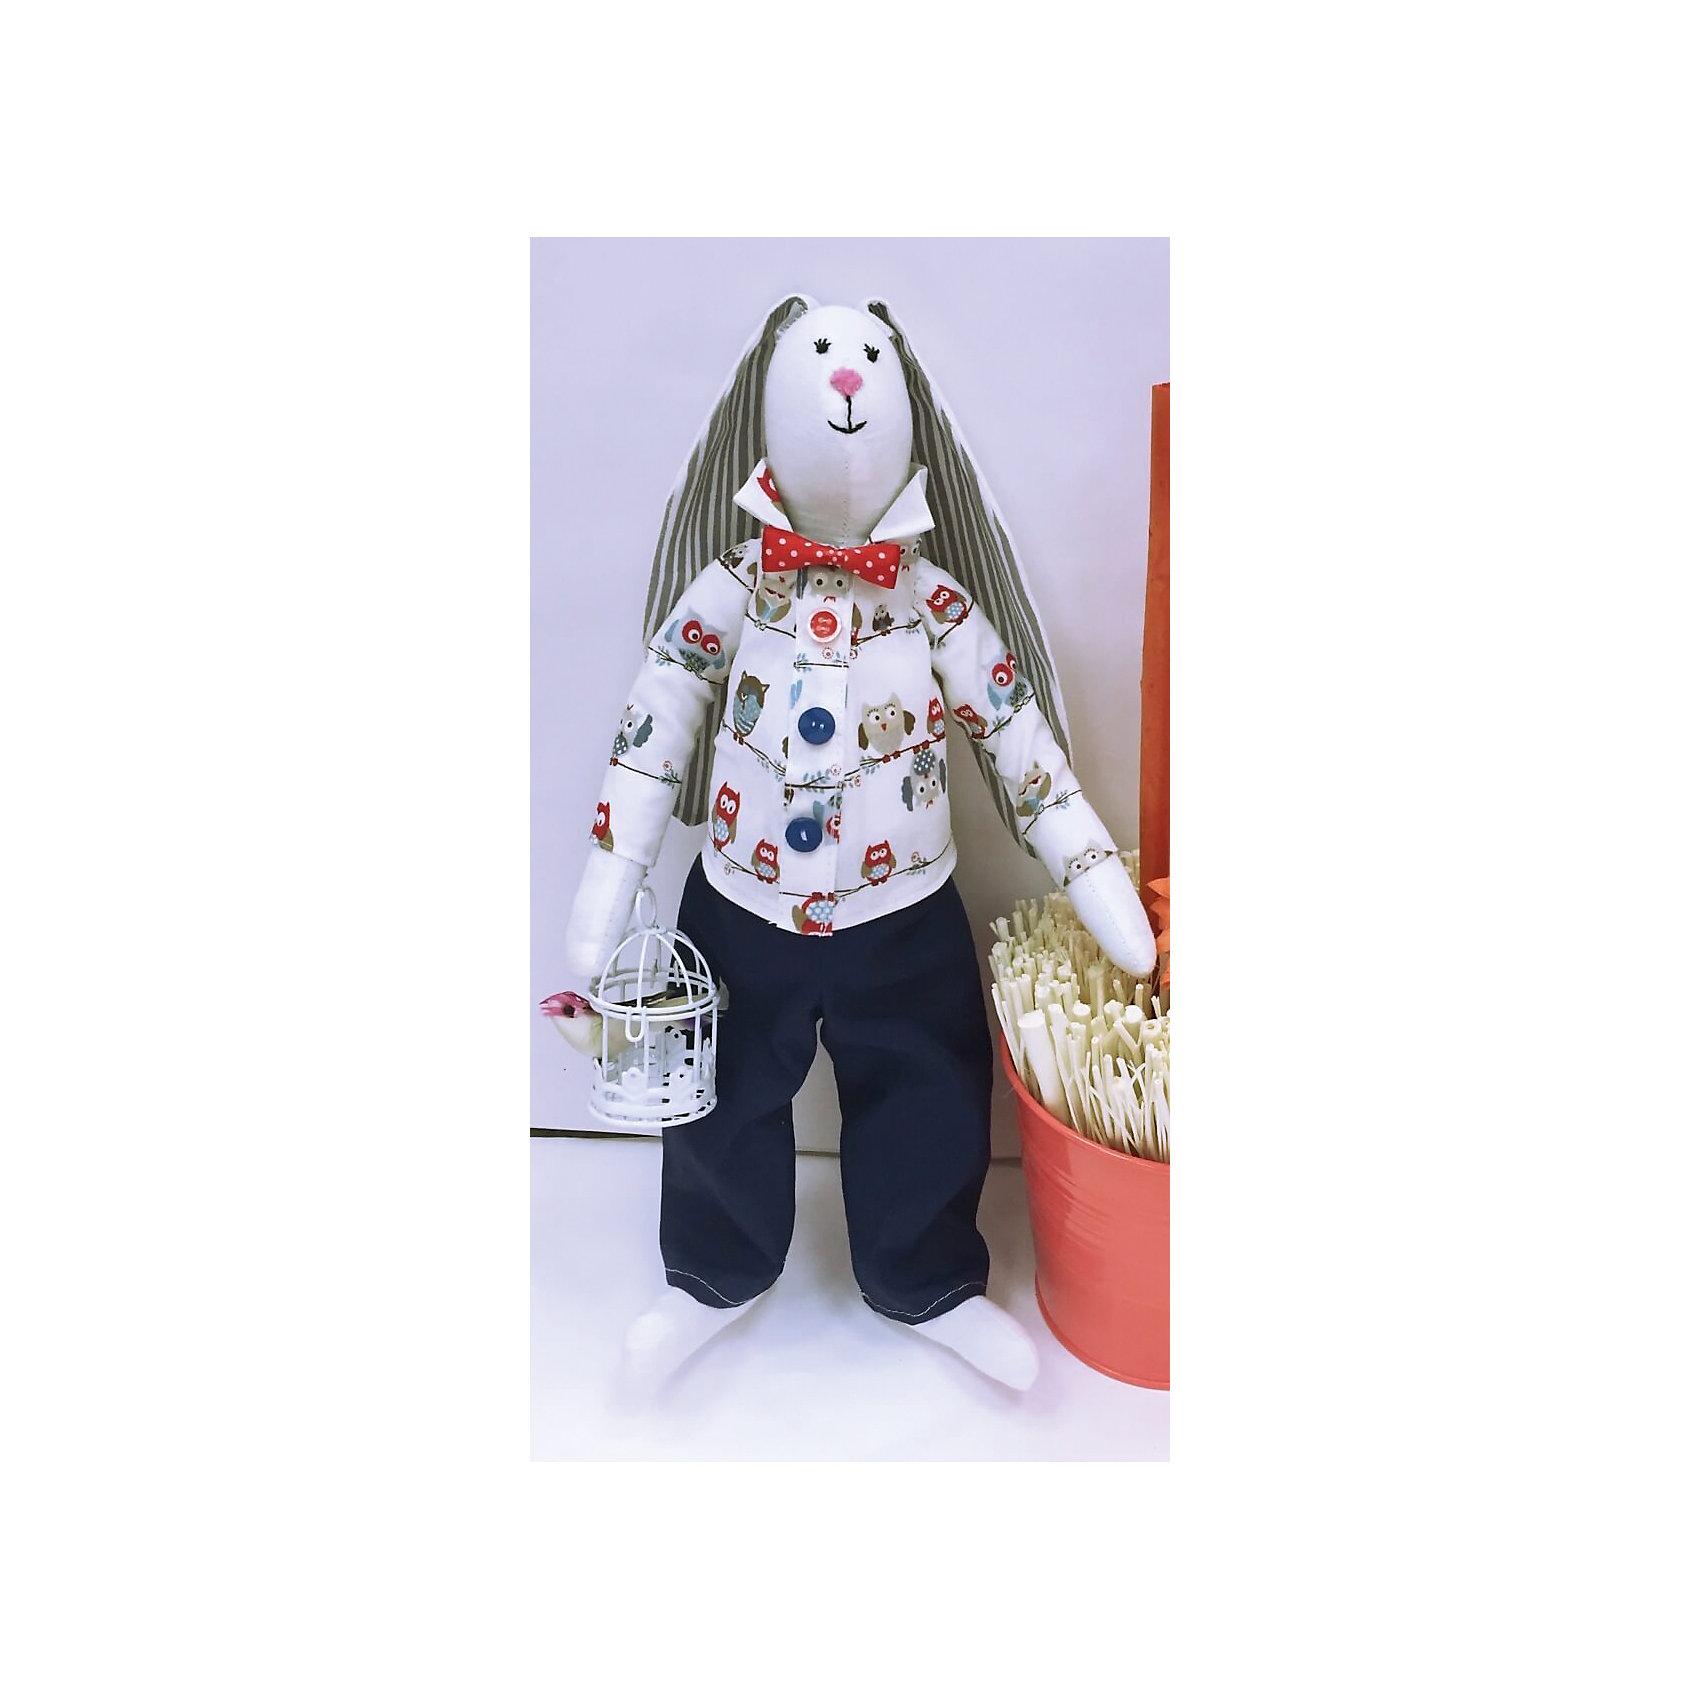 Набор для шитья Галантный заяцРукоделие<br>В набор входит выкройка, подробная инструкция, лекало, мел, булавки, нитки, наполнитель-холлафайбер, ленты и аксессуары для украшения. Игрушка выполняется из специальной несыпучей ткани для печворка. Своими руками Вы создаете дизайнерскую игрушку<br><br>Ширина мм: 250<br>Глубина мм: 20<br>Высота мм: 350<br>Вес г: 500<br>Возраст от месяцев: 120<br>Возраст до месяцев: 180<br>Пол: Унисекс<br>Возраст: Детский<br>SKU: 5350870